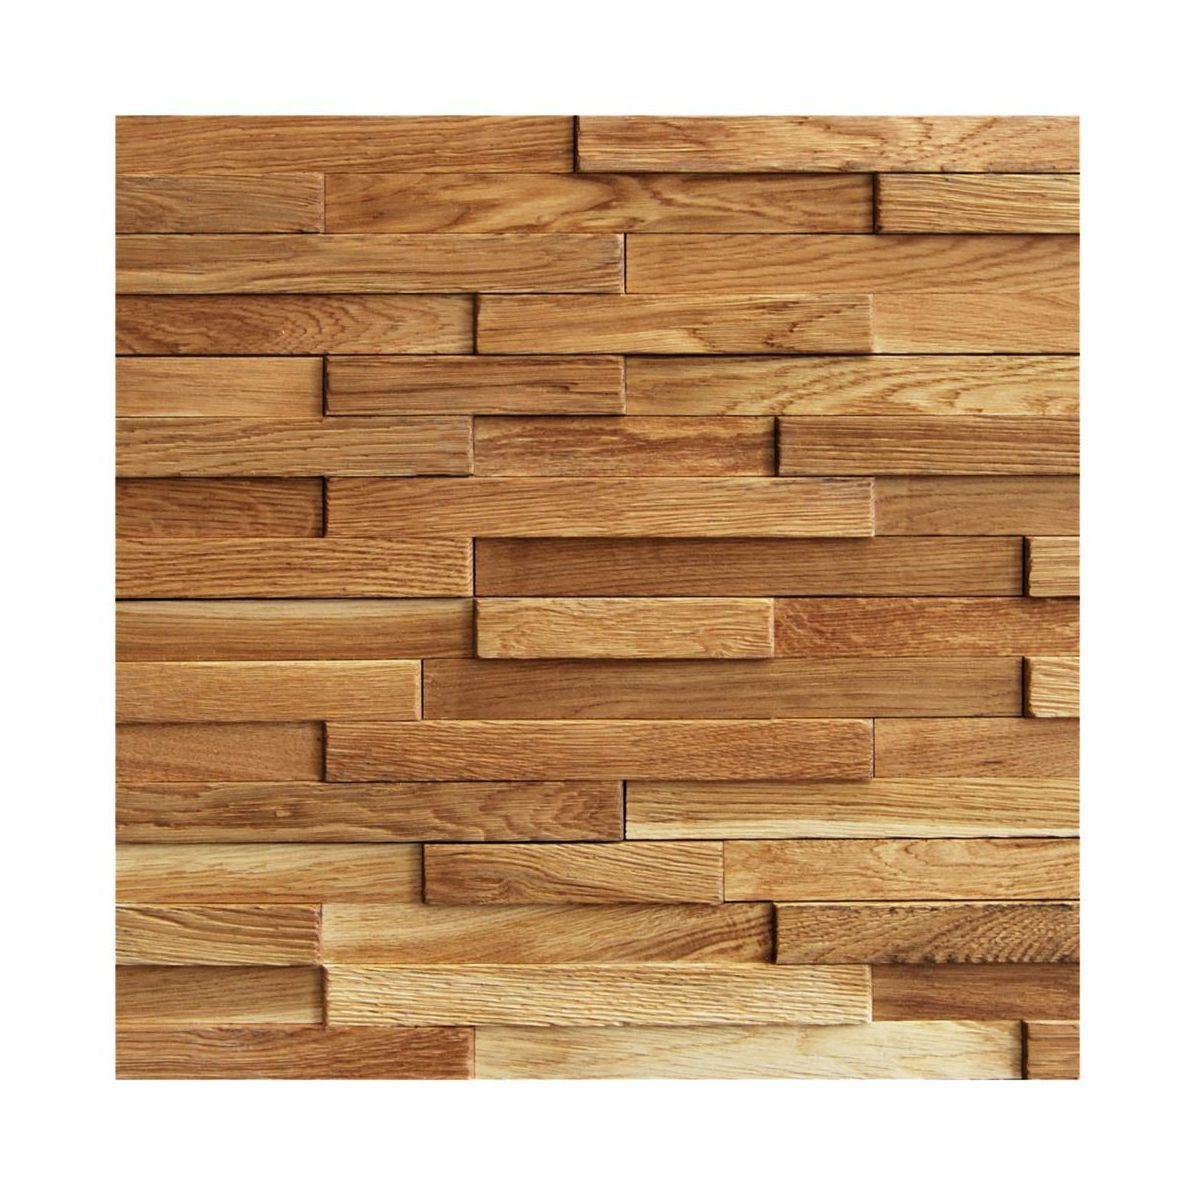 Panel Scienny Drewniany Twig 3 Boazeria I Panele Drewniane W Atrakcyjnej Cenie W Sklepach Leroy Merlin Wood Panel Walls White Wood Wall Wood Accent Wall